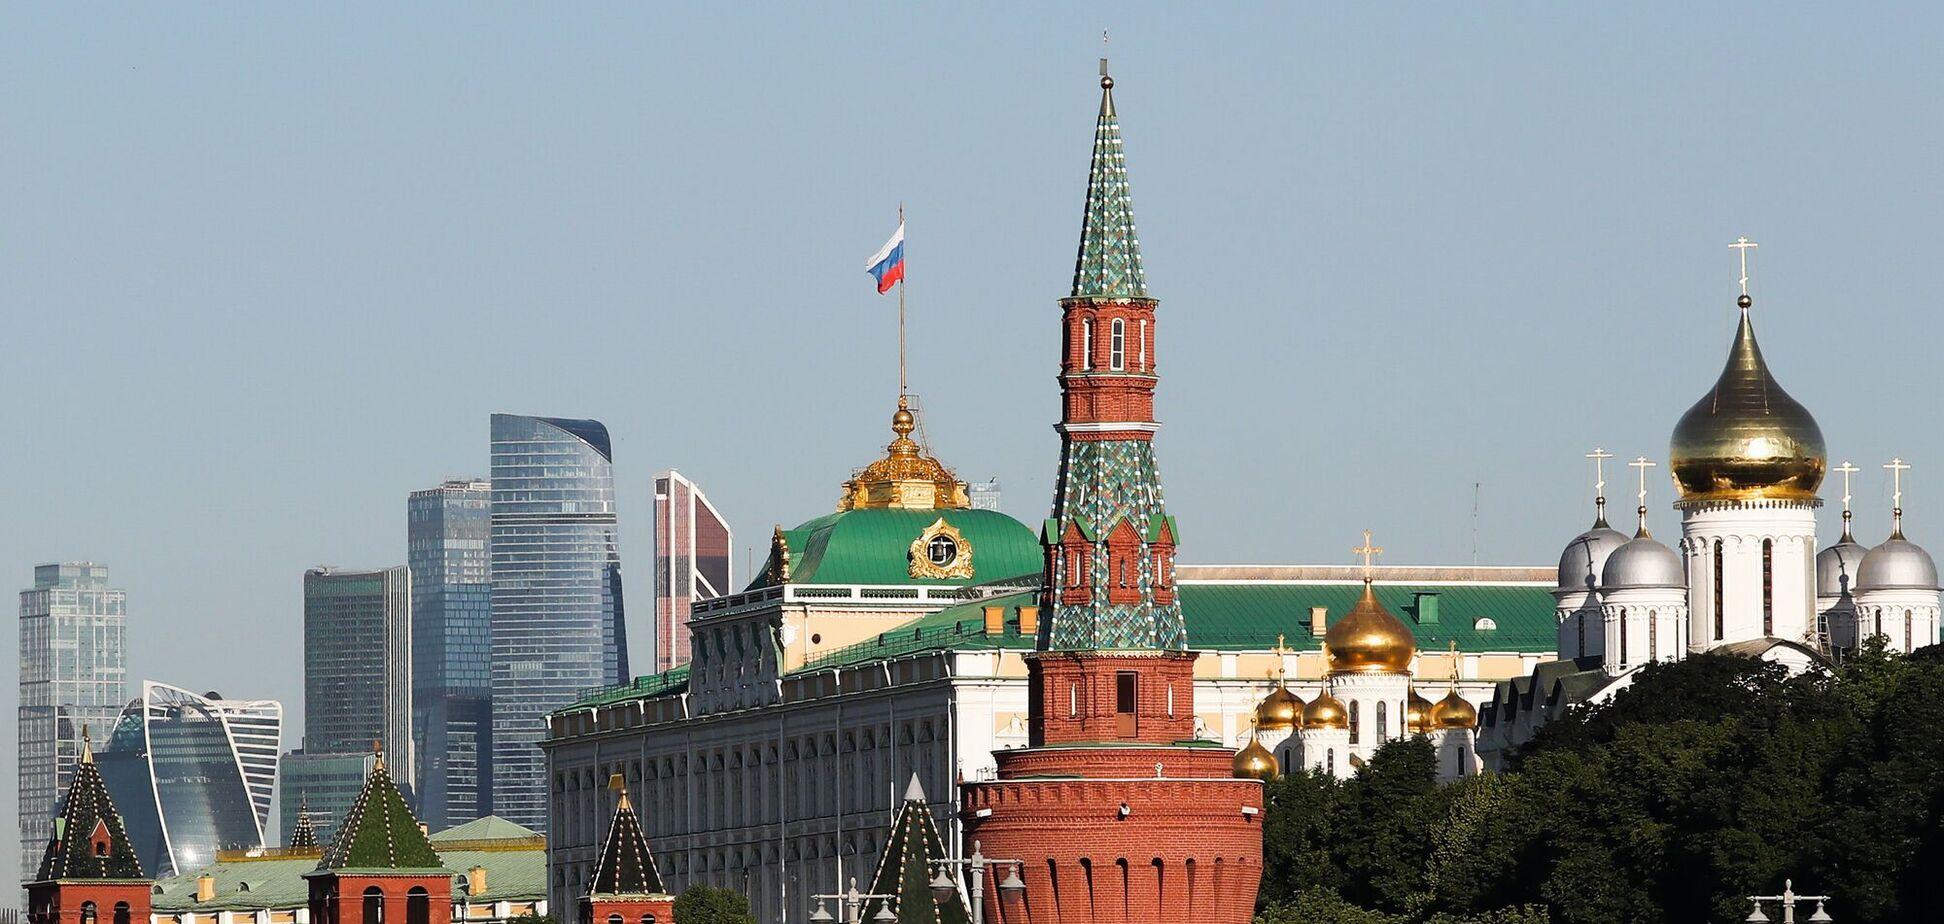 СМИ сообщают, что Кремль надеется поставить в Европу до 170 миллиардов кубов газа